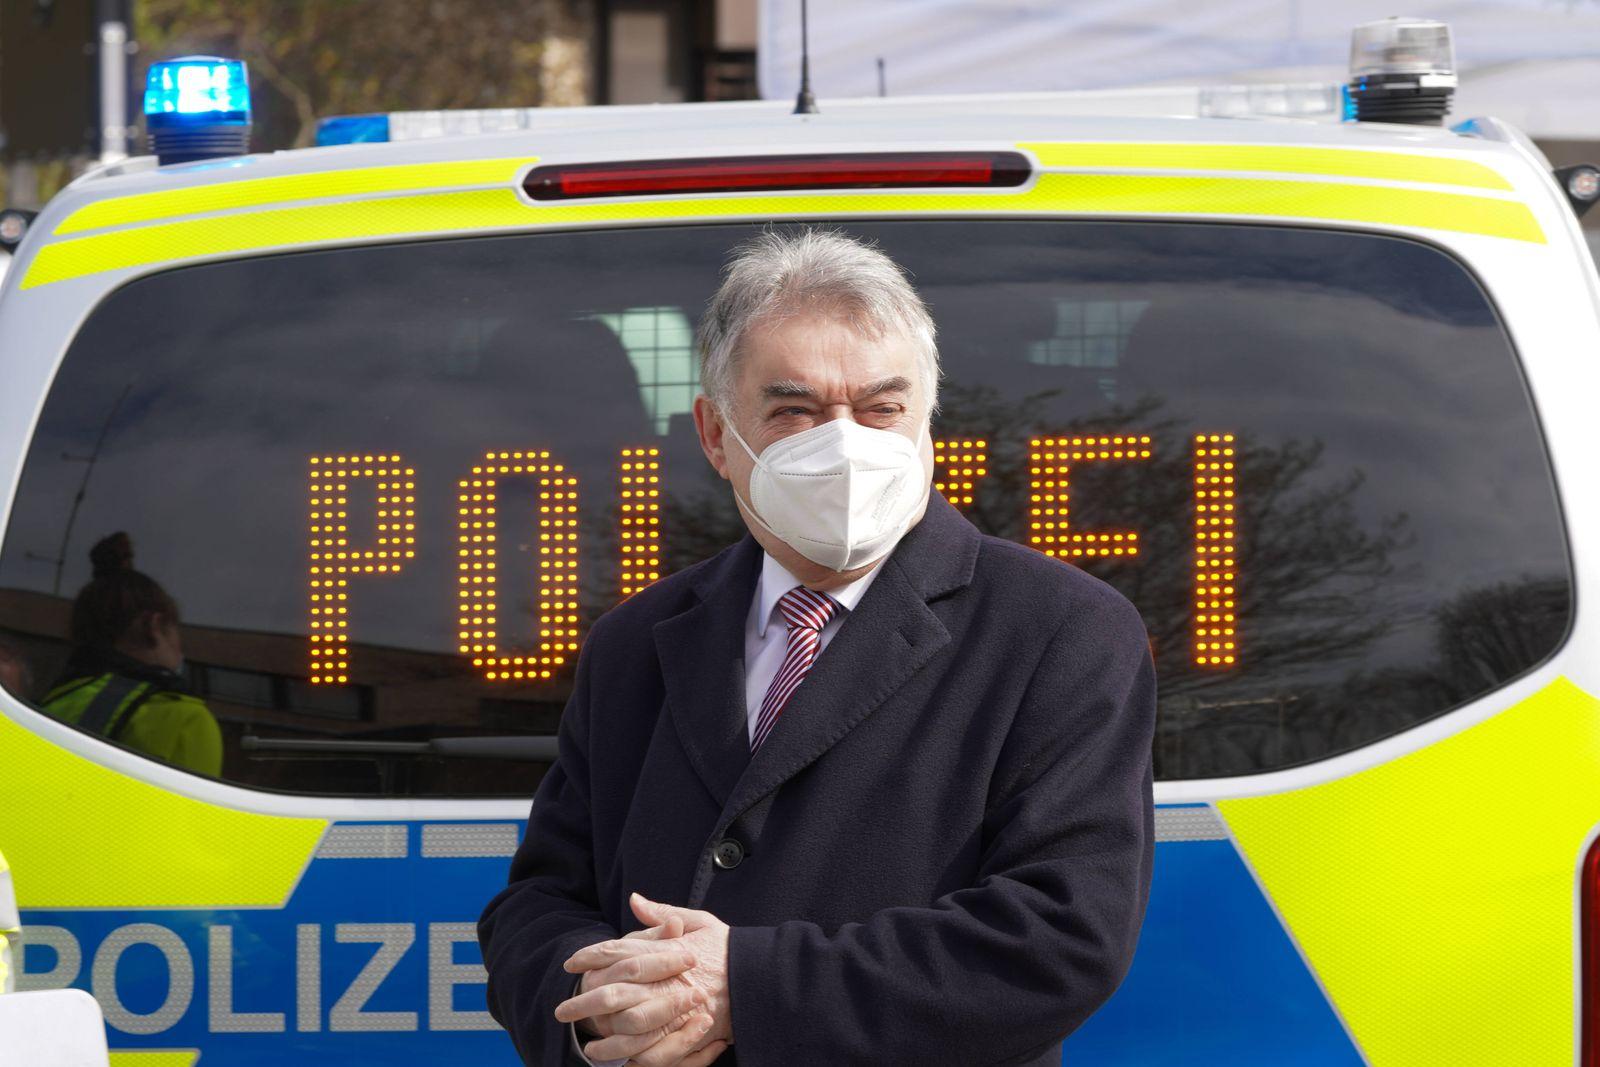 Innenminister Herbert Reul uebergibt neue Streifenwagen an die NRW Autobahnpolizei Aktuell, 08.04.2021, Hilden, NRW Inn